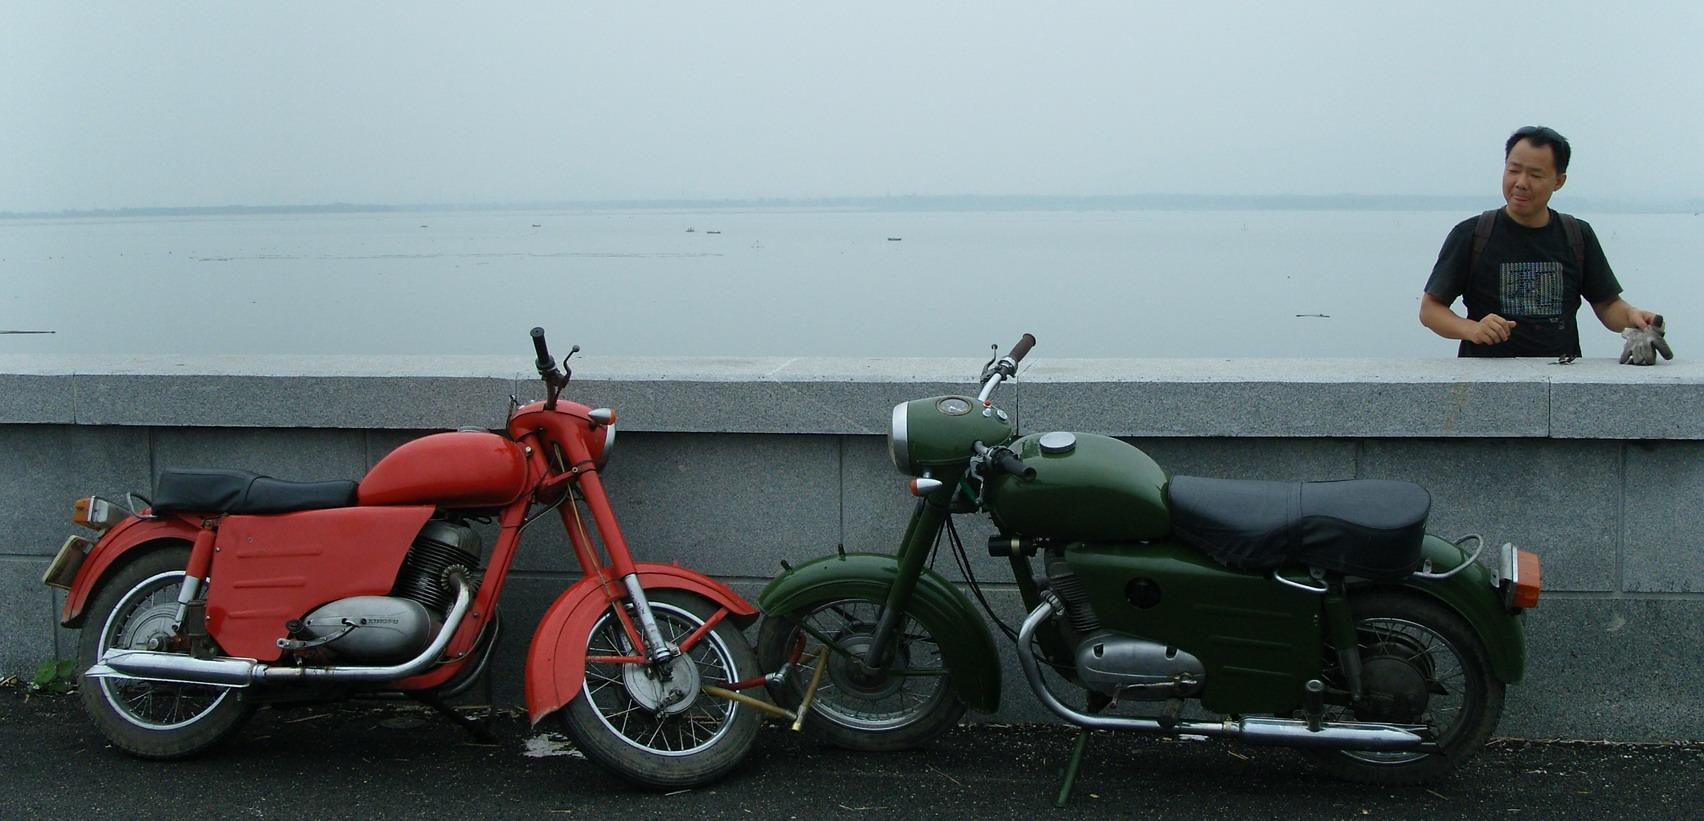 主题: [公告]自驾摩托车山东半岛